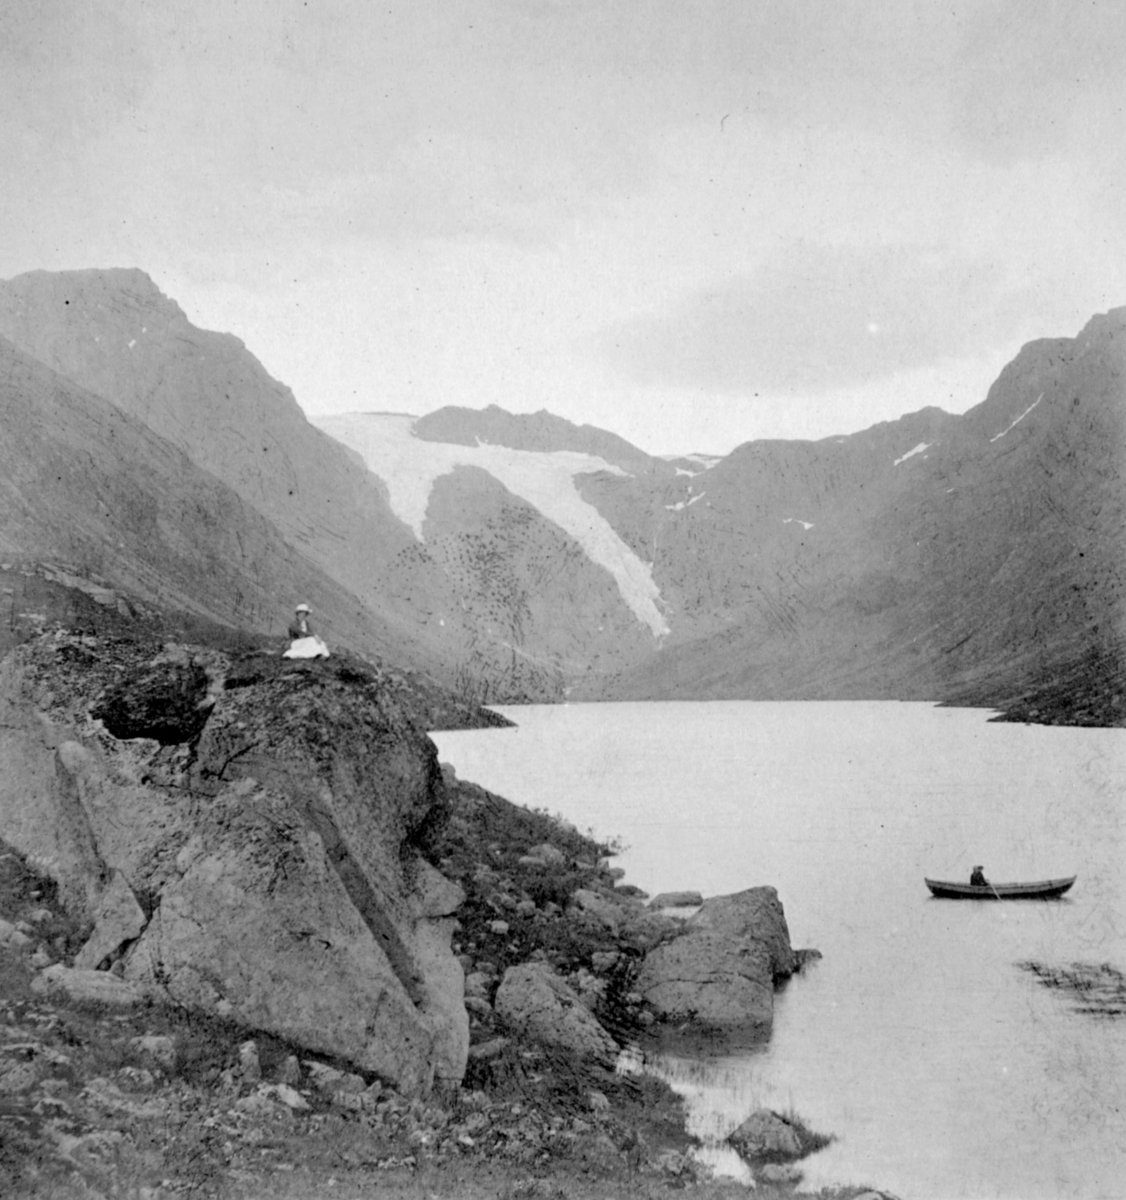 """""""Snebre - Bergsfjord. Finnmark."""" Til venstre sitter en kvinne på toppen av en klippe. Til høyre sitter det en person i en robåt."""